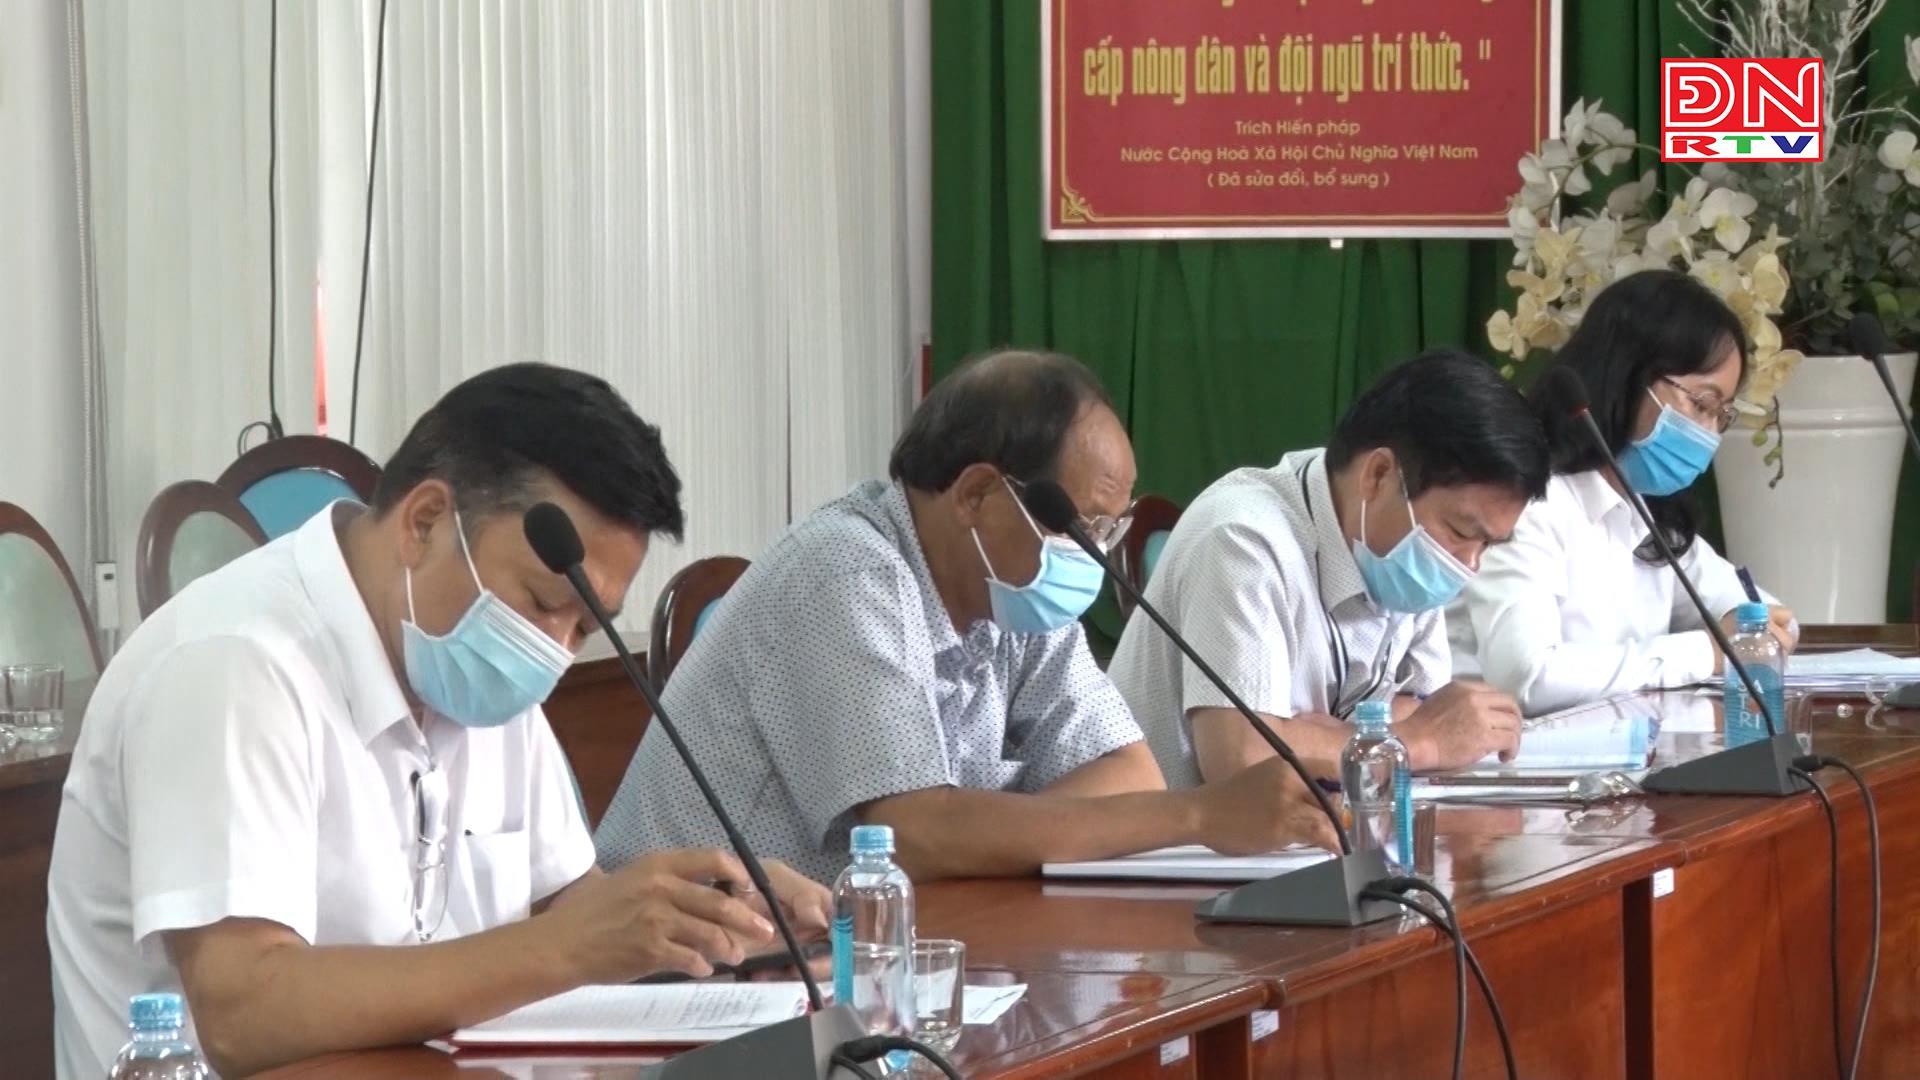 Huyện Định Quán: Họp khẩn để triển khai các biện pháp phòng, chống dịch Covid-19